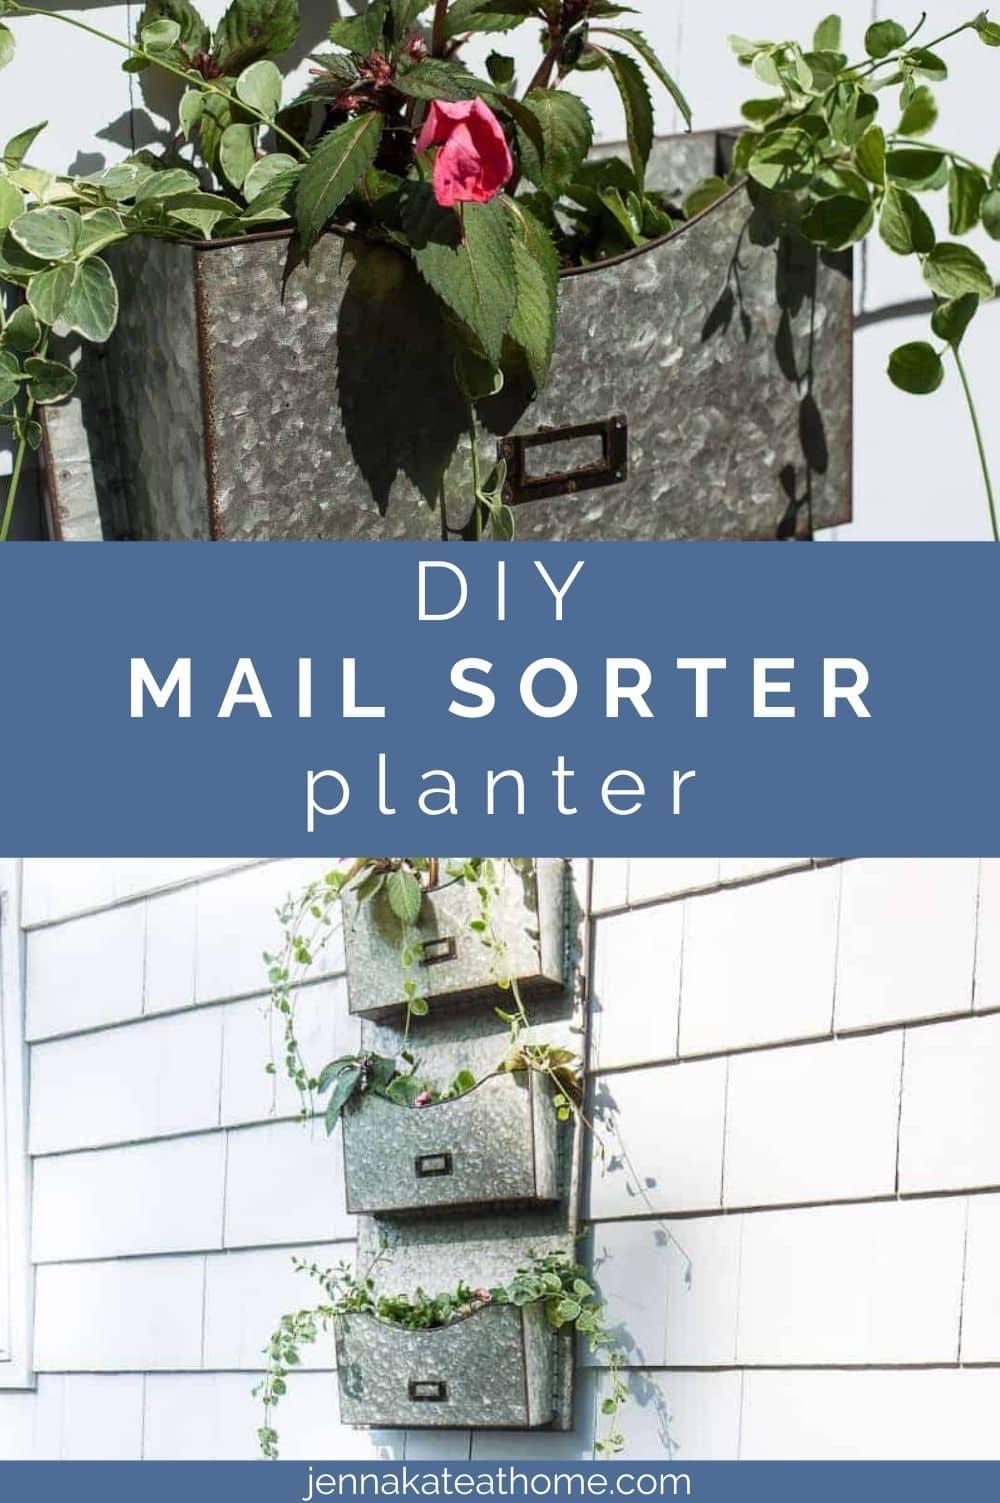 DIY mail sorter planter pin